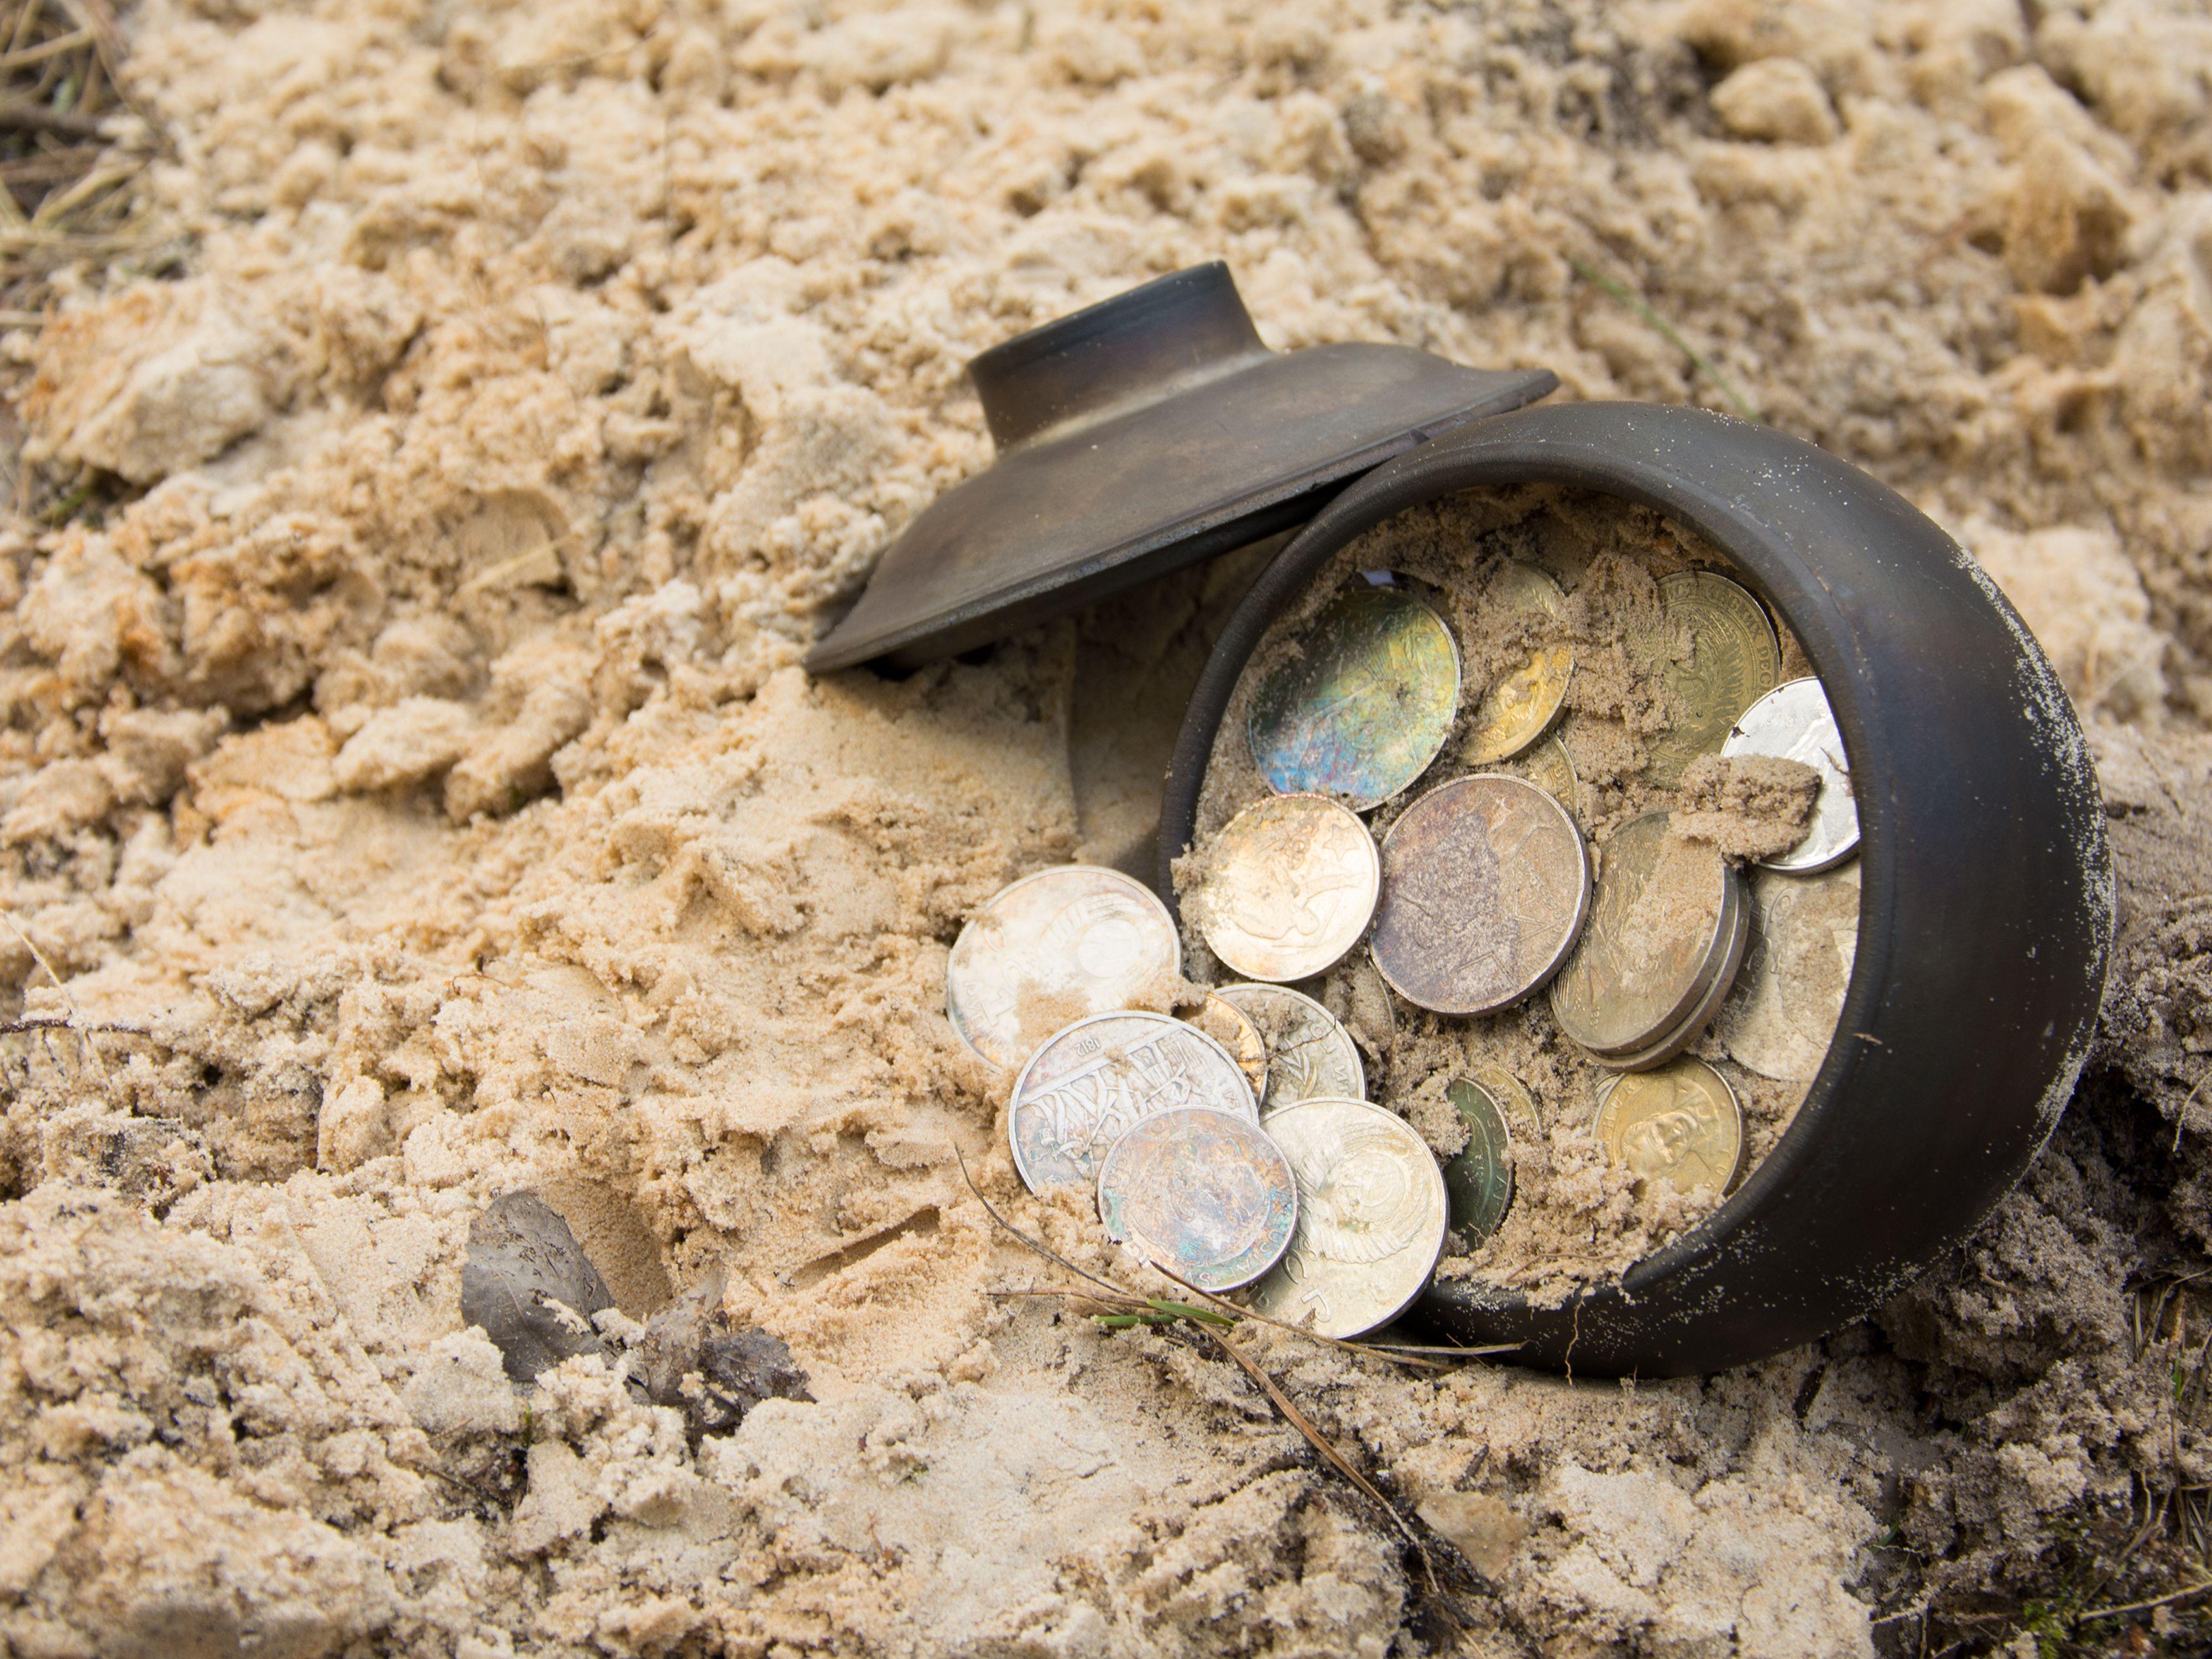 Откриха сребърно съкровище в корените на дърво в Мездра